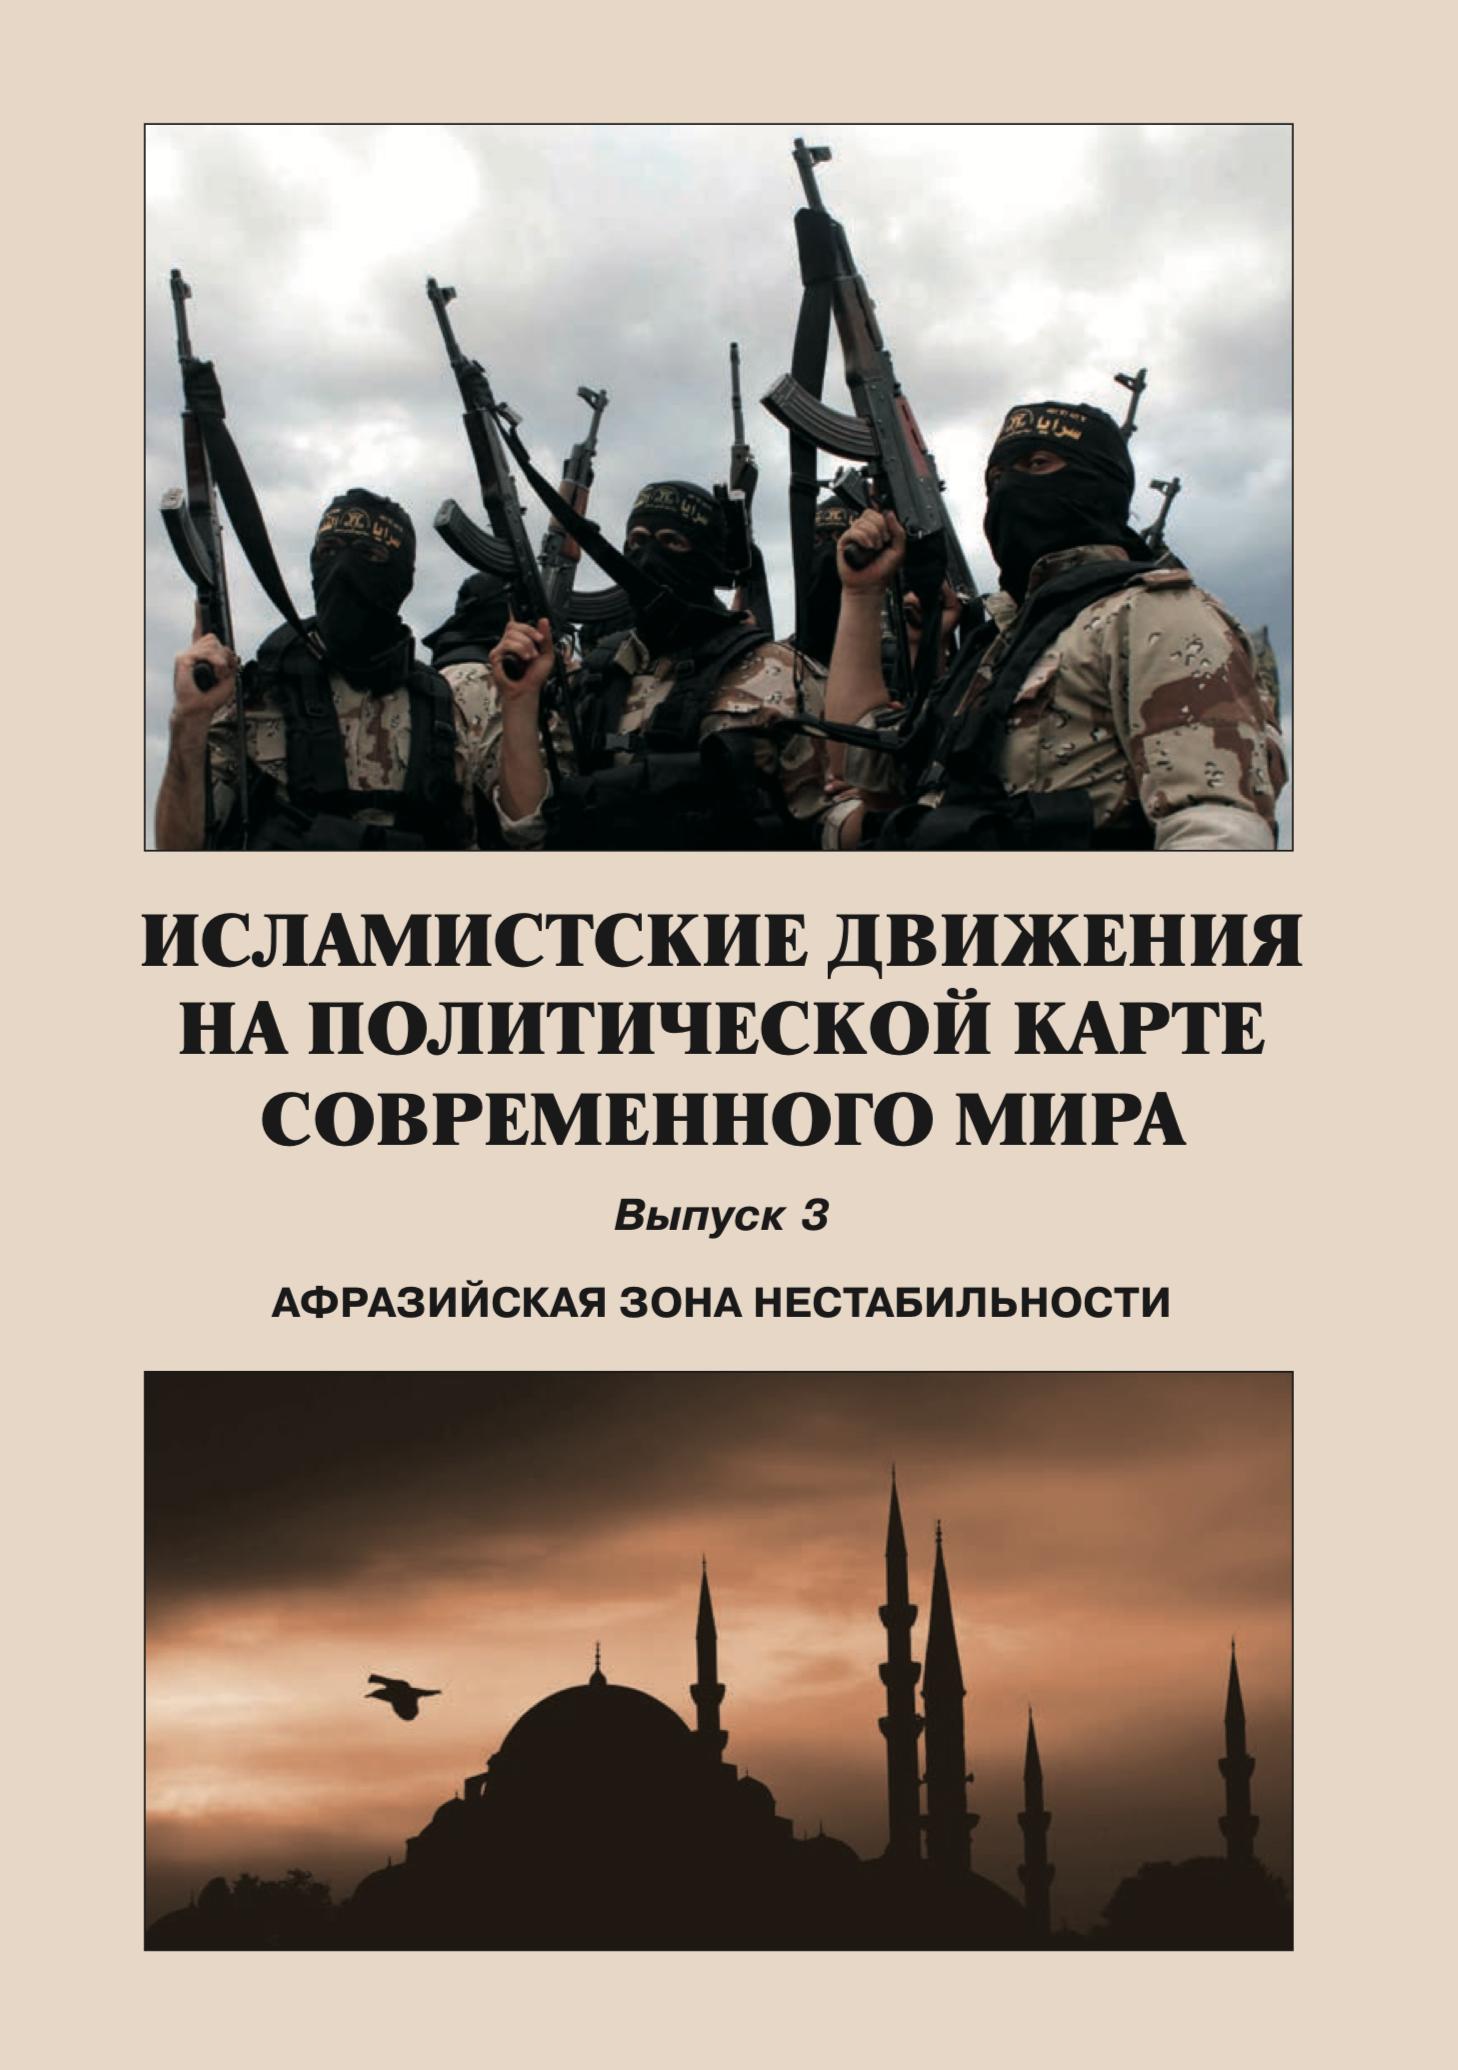 Исламисты в ливийском кризисе 2011-2016 гг.: основные этапы участия